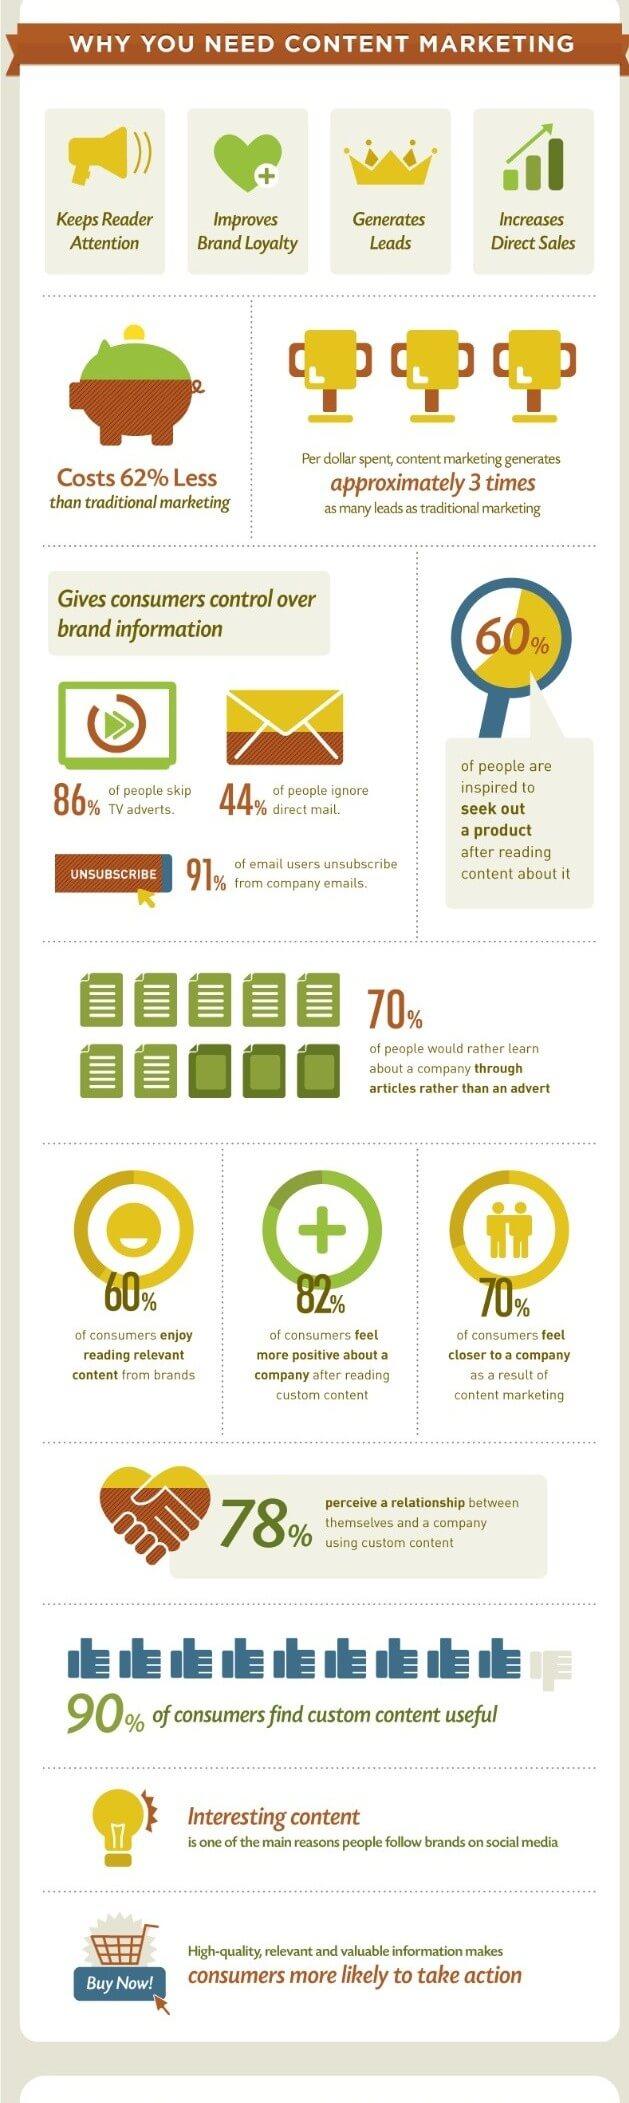 Le besoin de mettre en place une stratégie de marketing de contenu